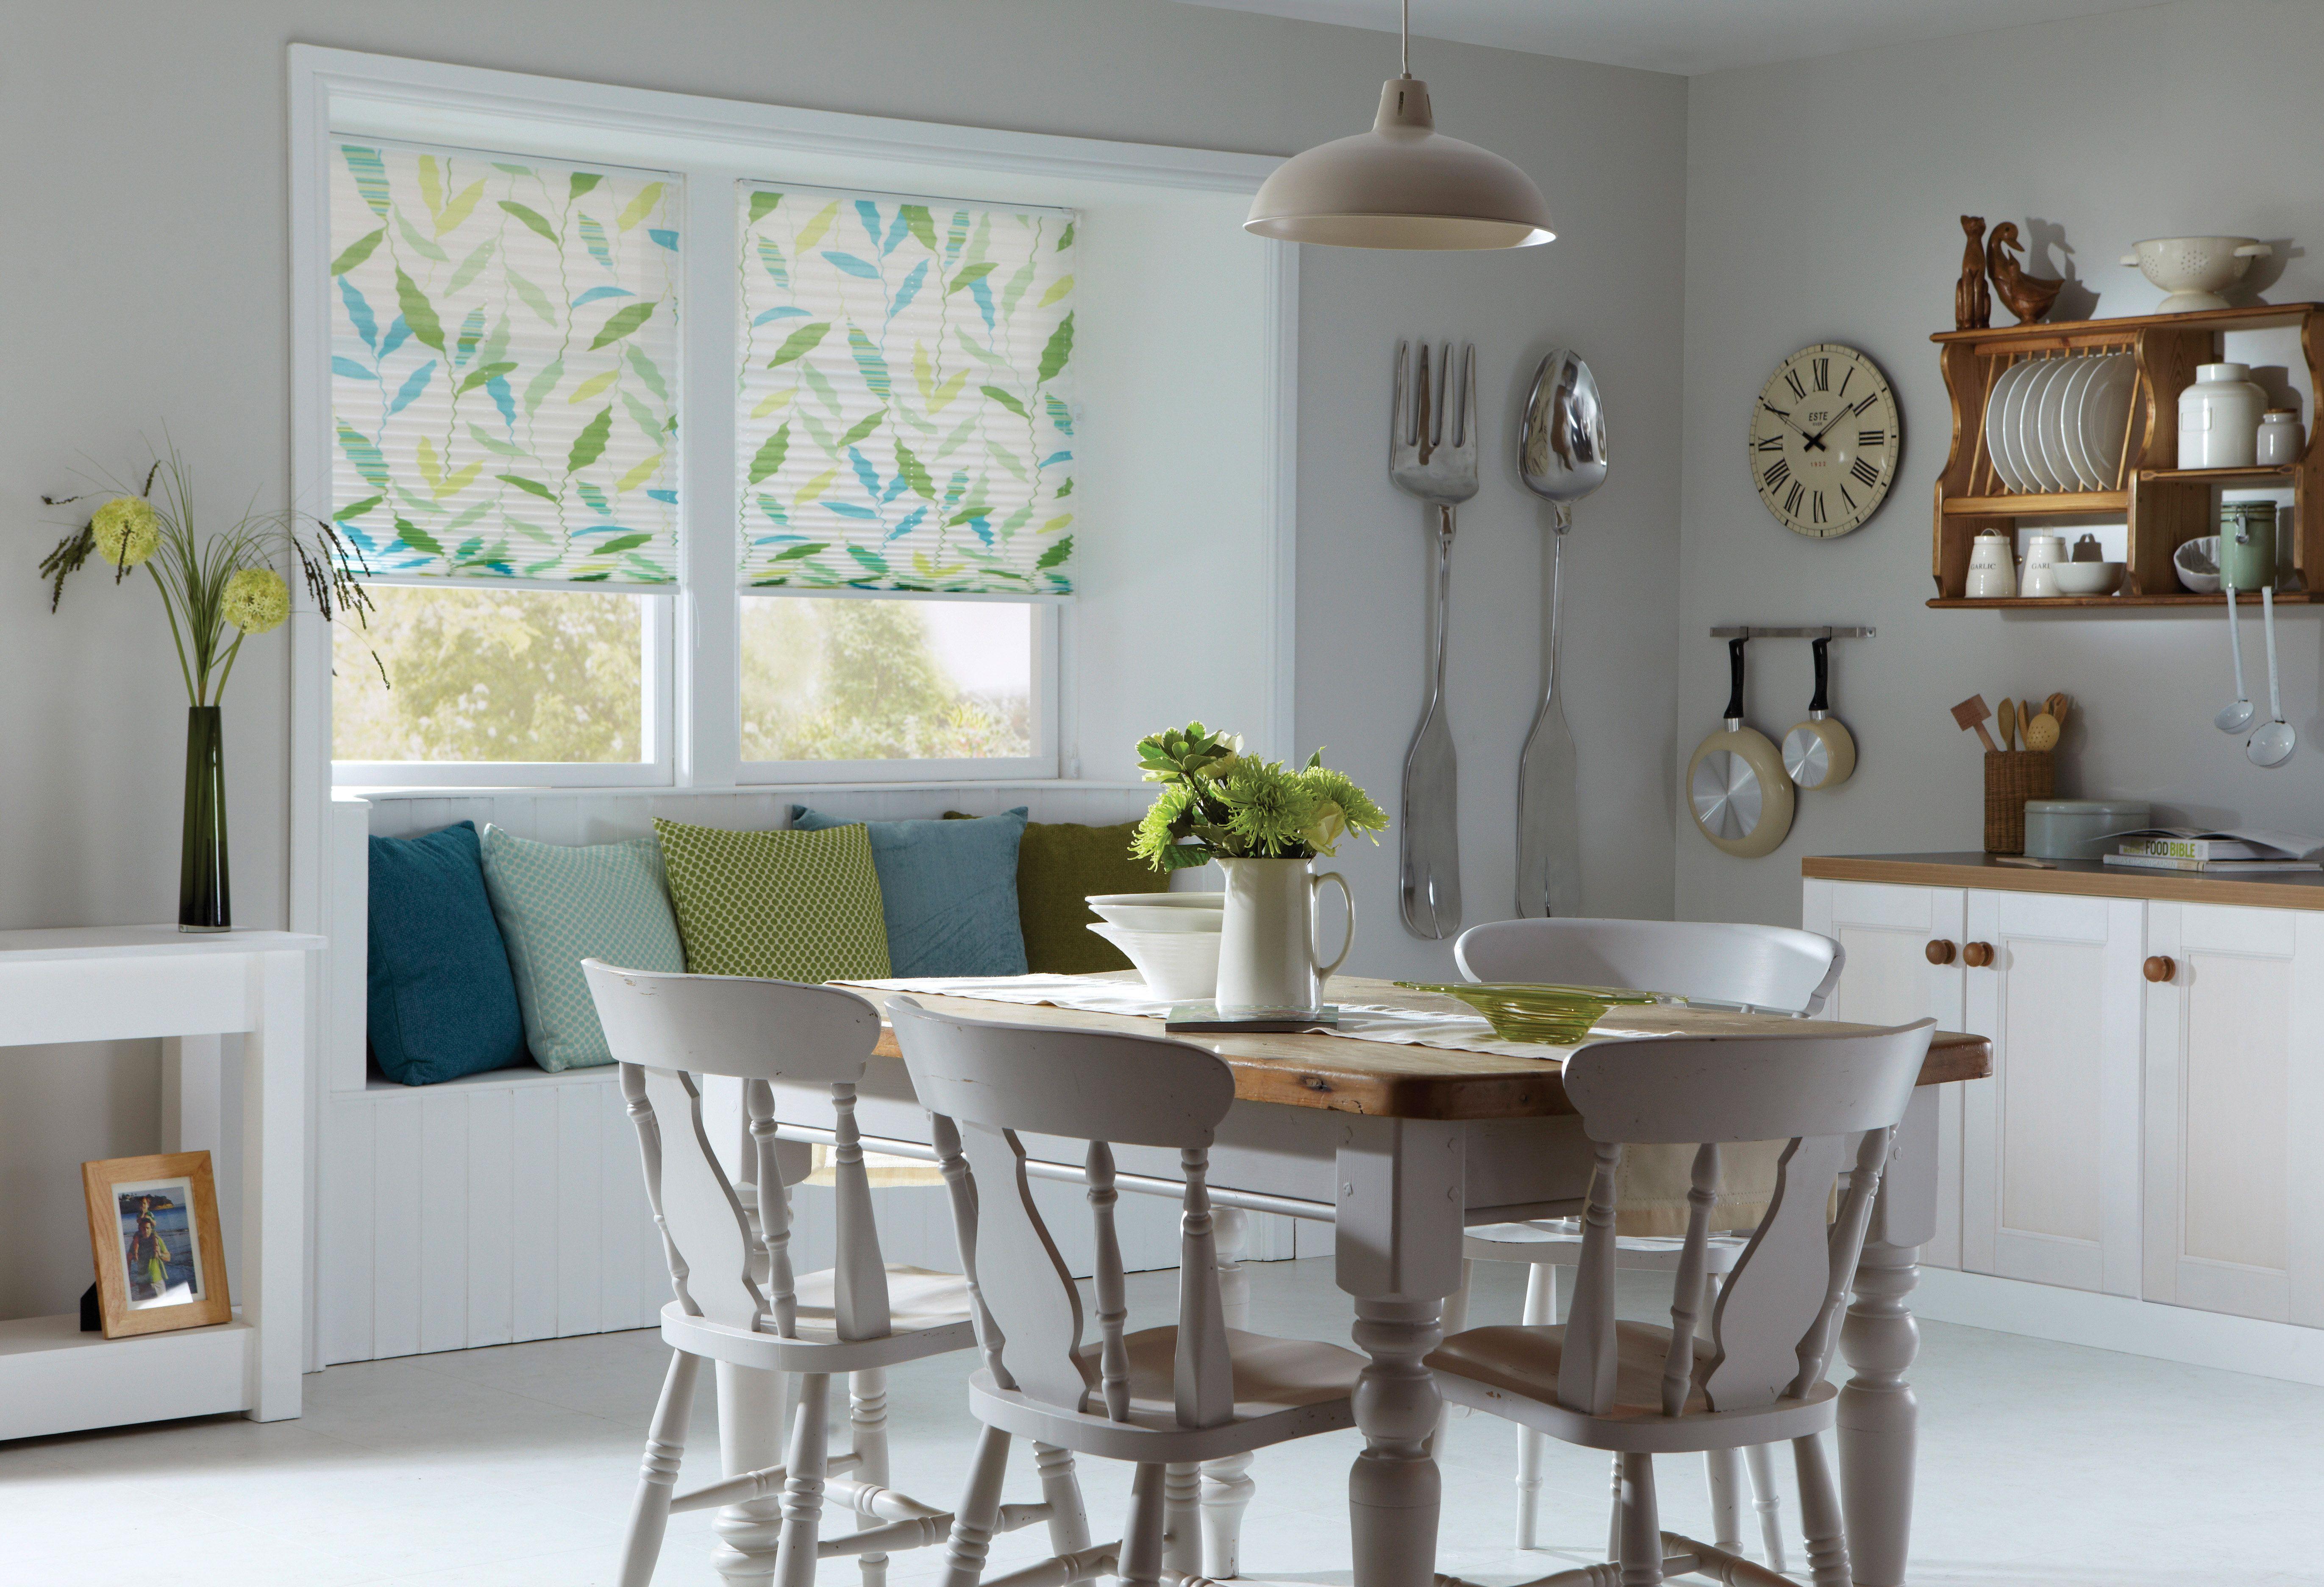 Kitchen window kitchen blinds  apollo pleated leaf print blinds spring home decor kitchen blinds